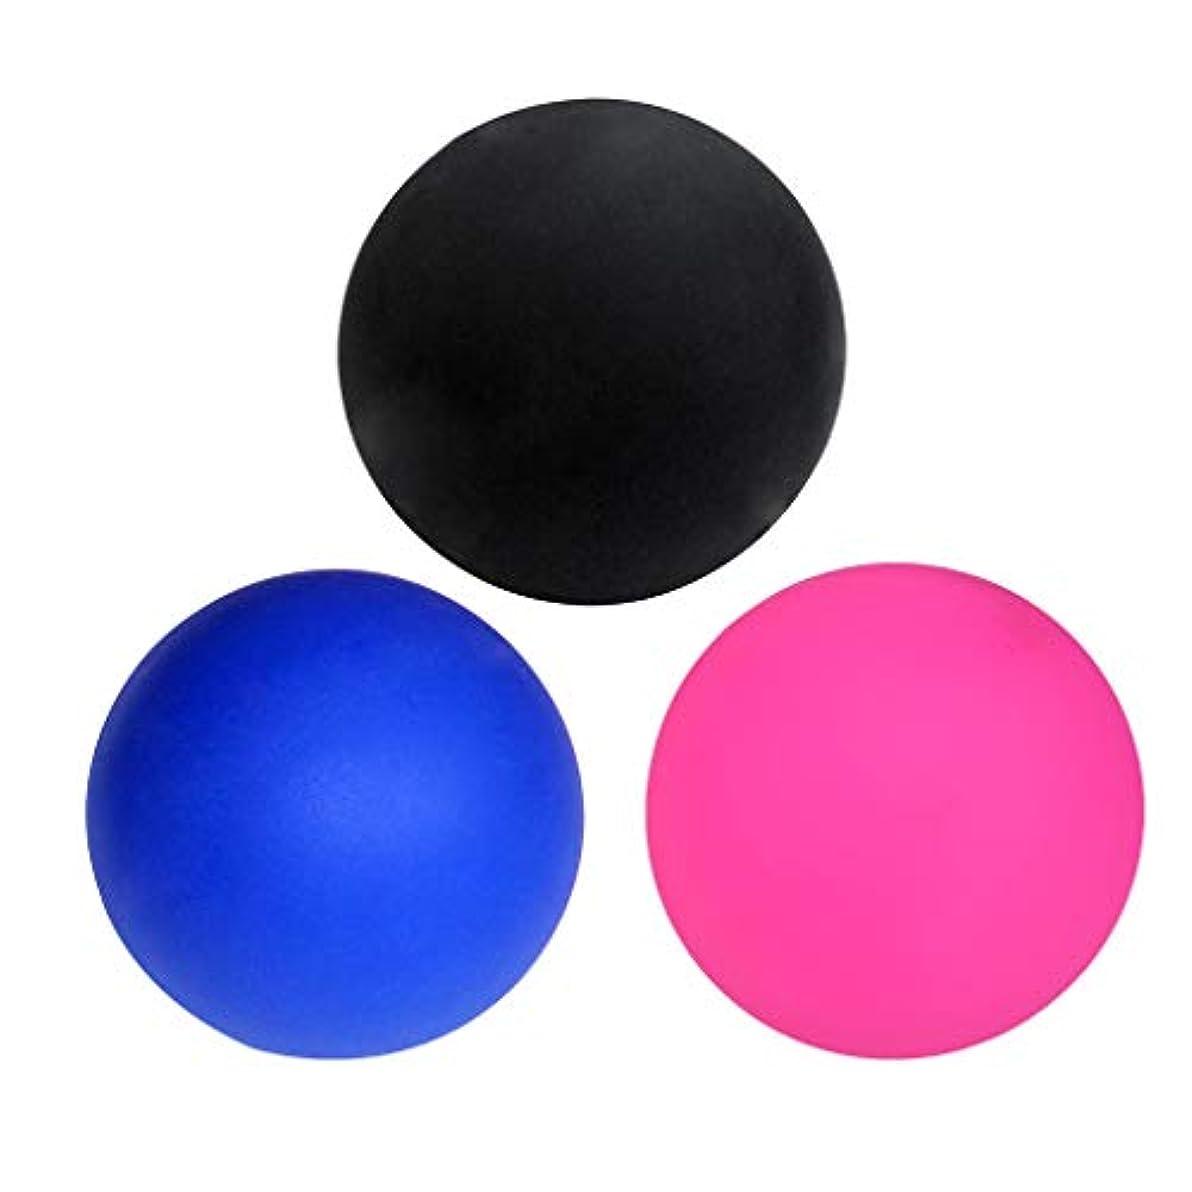 泥棒バーマドアンテナdailymall マッサージボール ラクロスボール トリガーポイント 筋膜リリース トレーニング ツボ押しグッズ 3個入